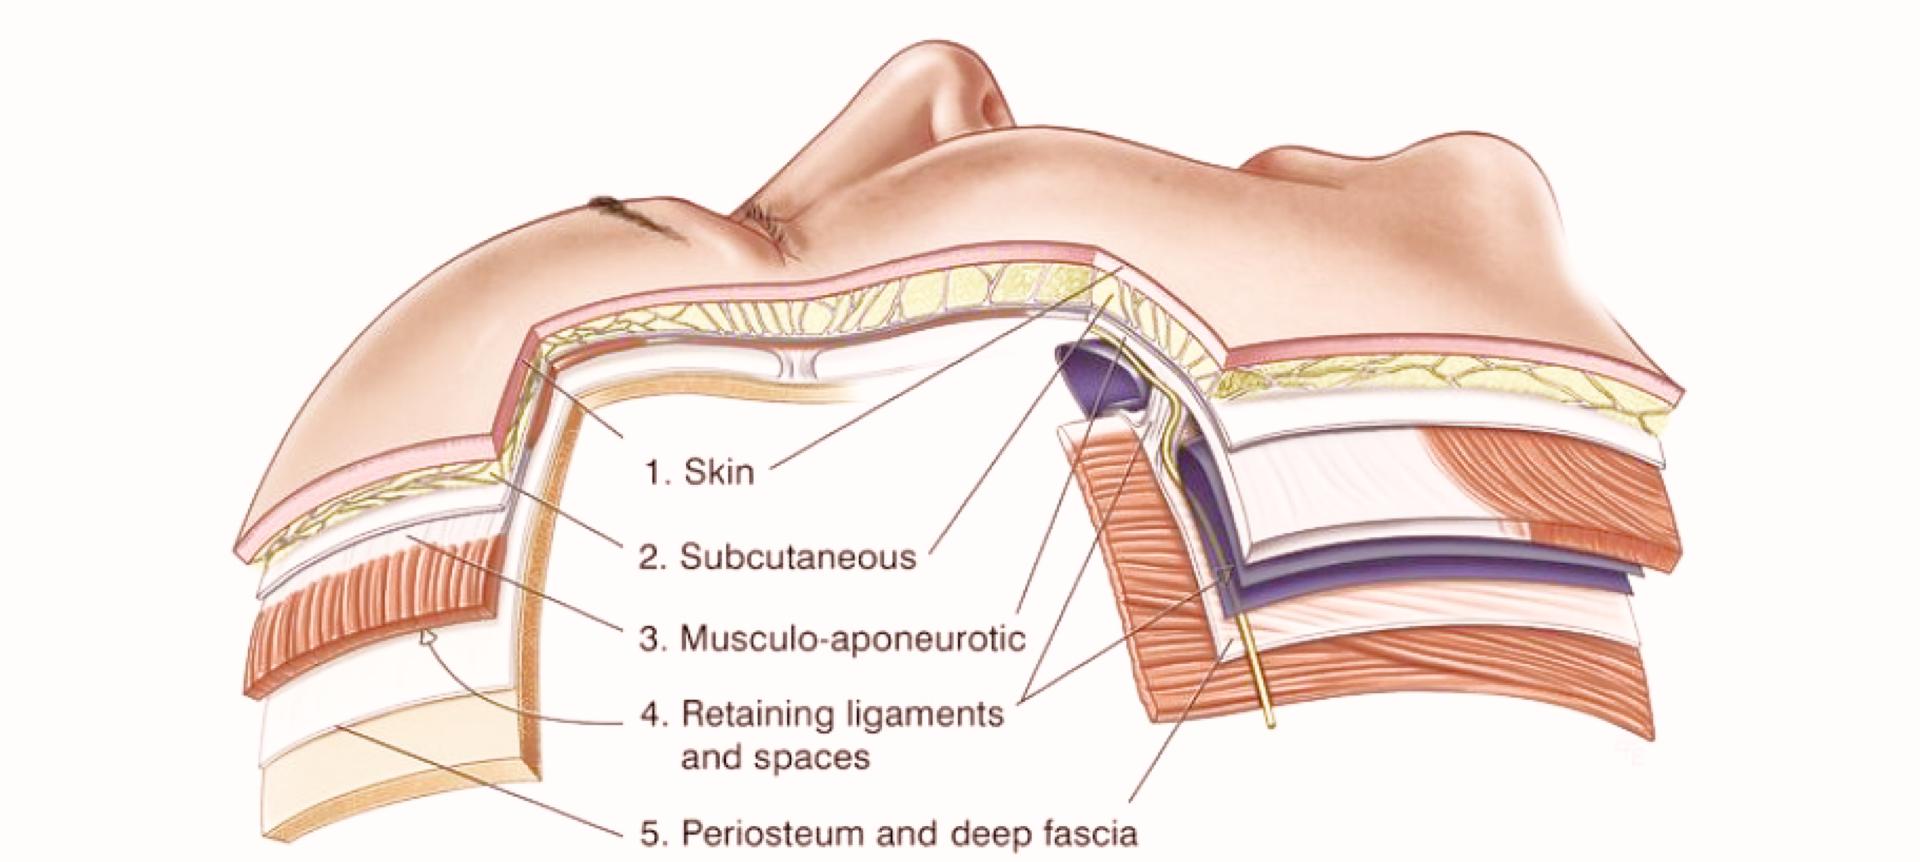 Миопластический массаж лица «Сепарирующая технология»